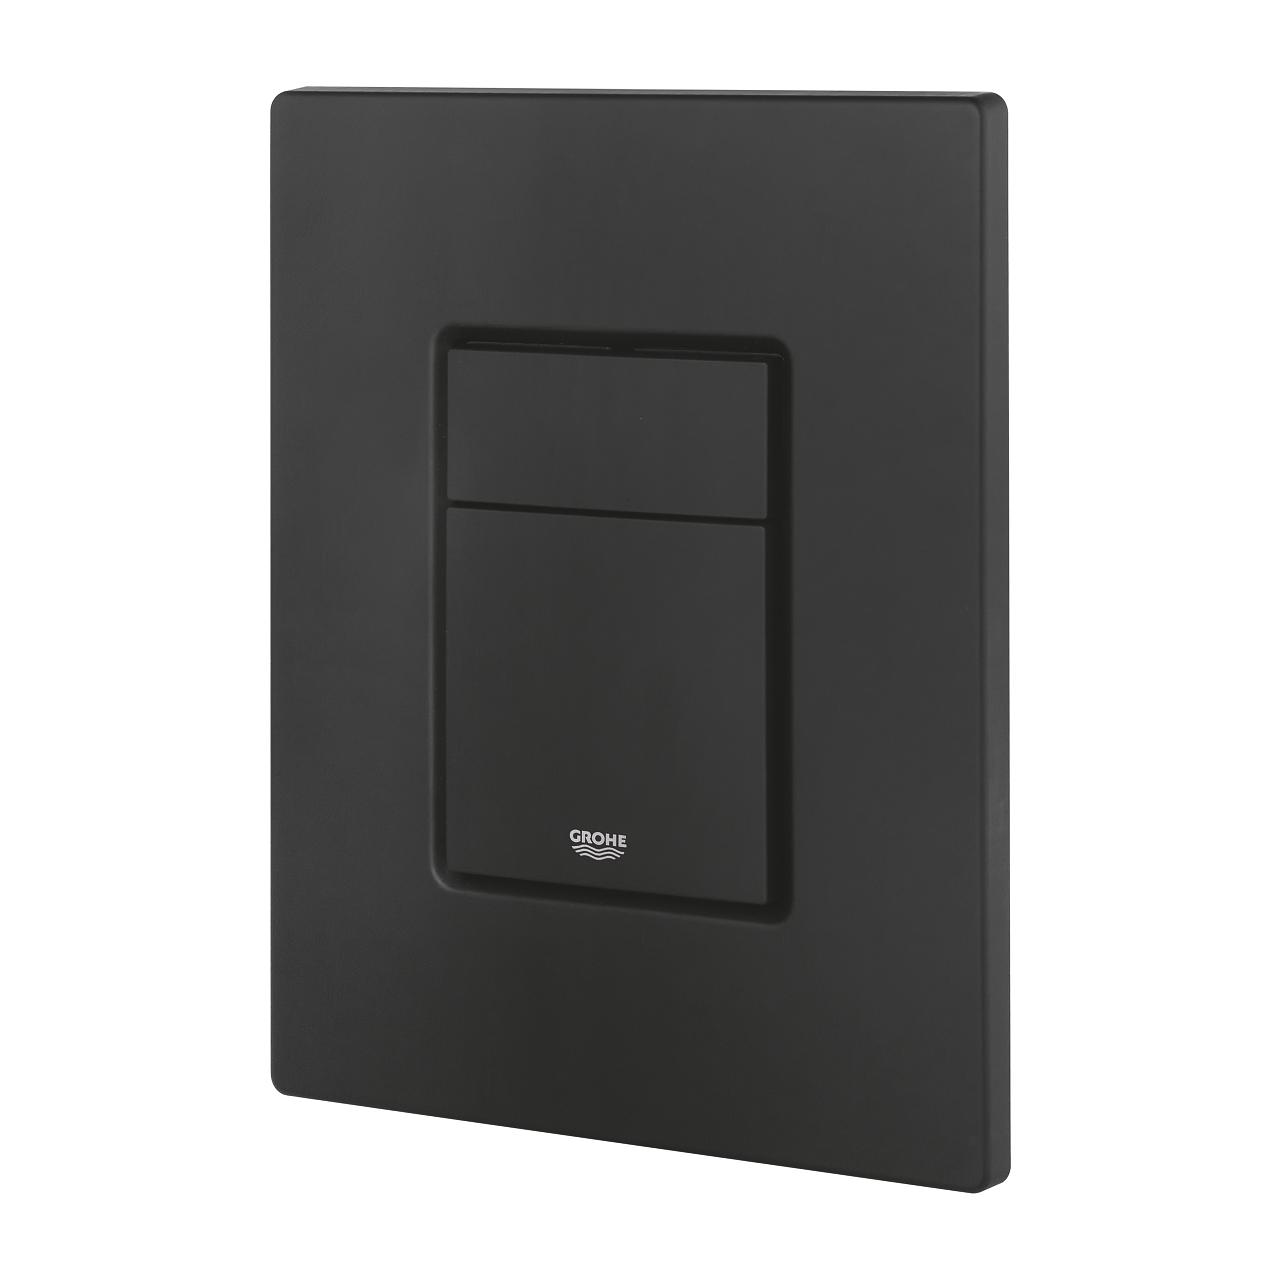 Przycisk do WC Grohe Even czarny black 38966KF0